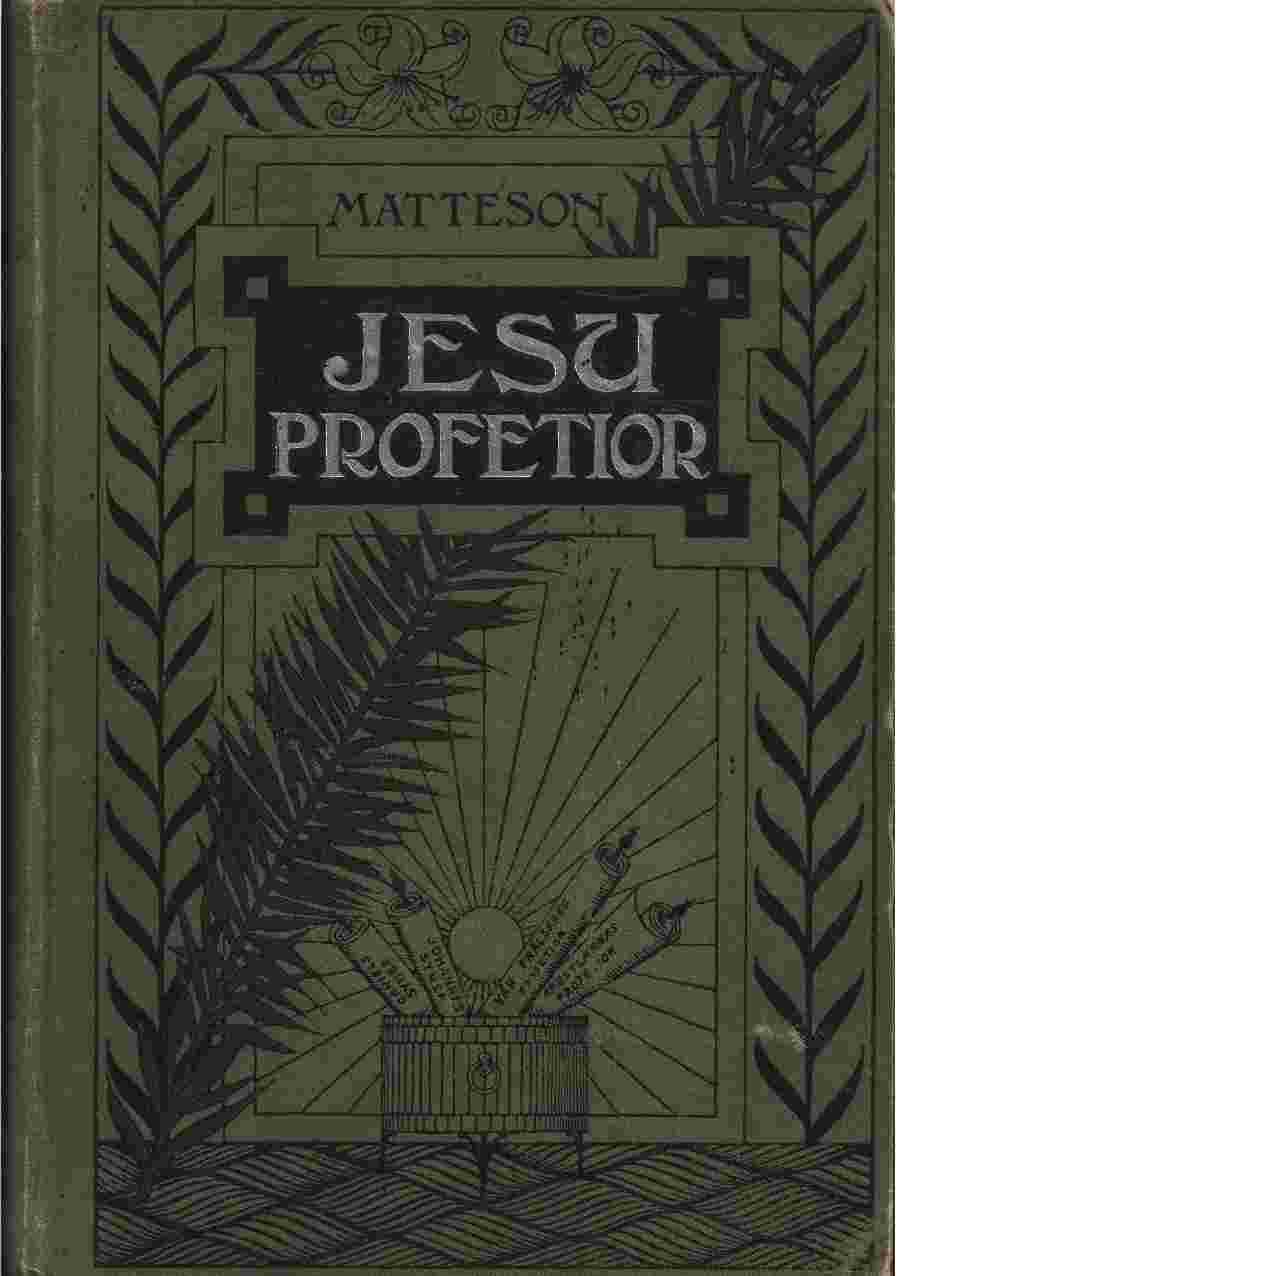 Jesu profetior eller vår frälsares och profeternas förutsägelser fullbordade. - Matteson, J. G.